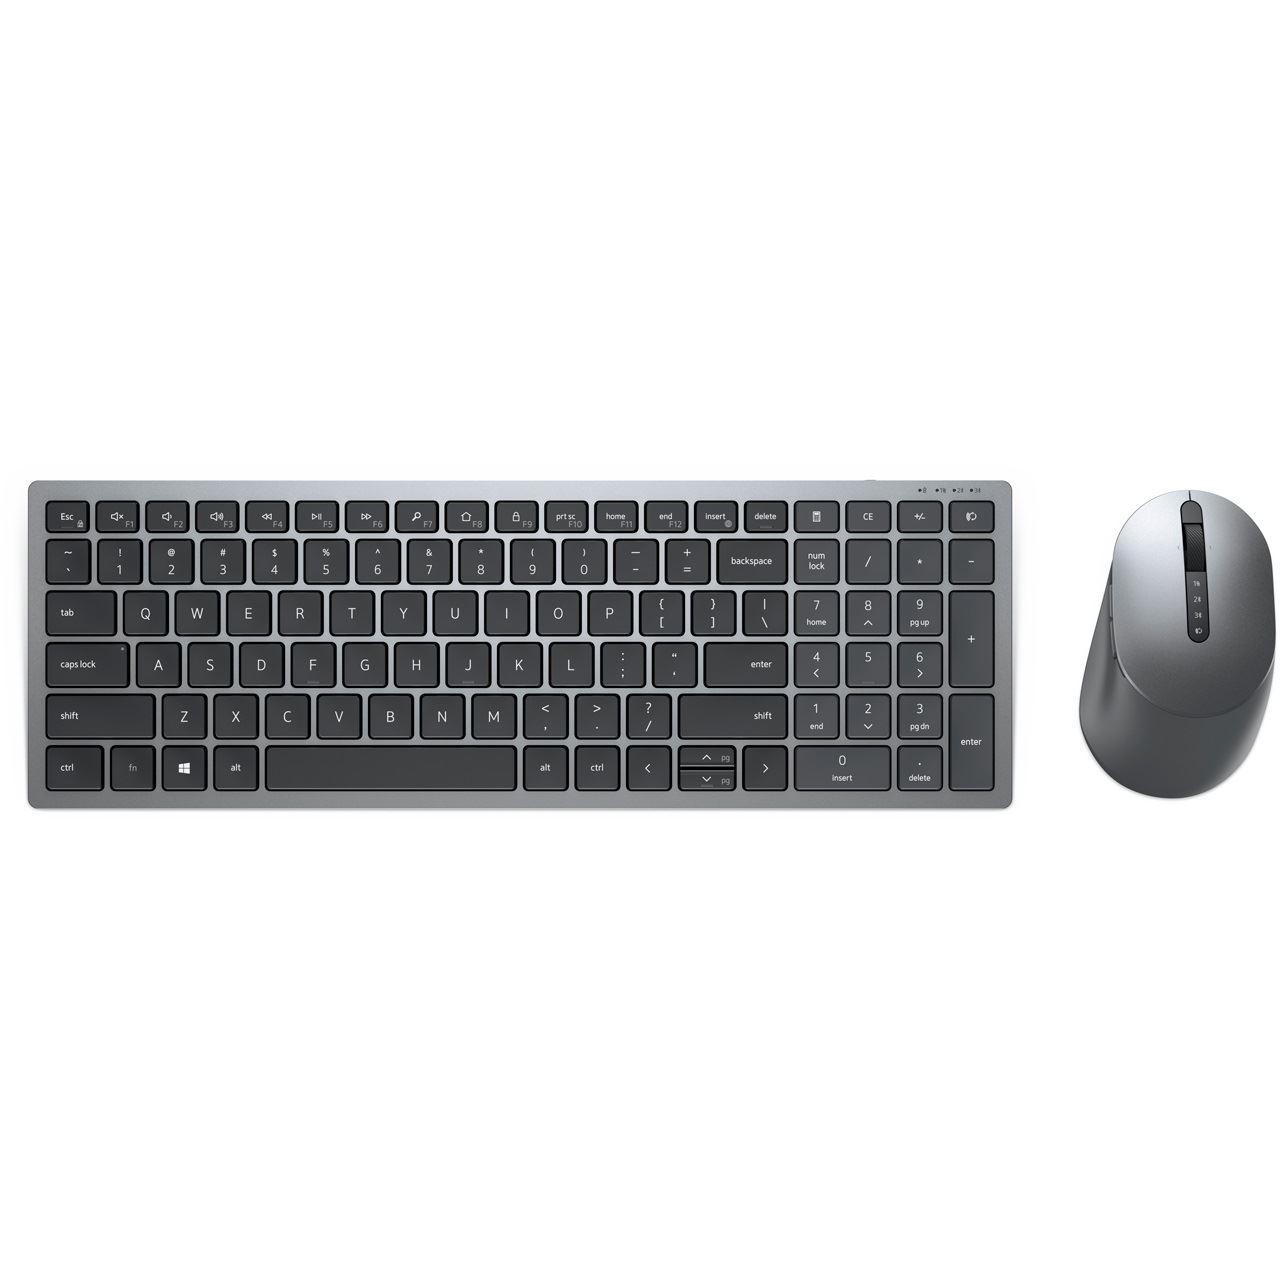 Dell Multi-Device-Set KM7120W, Desktop-Set grau/schwarz